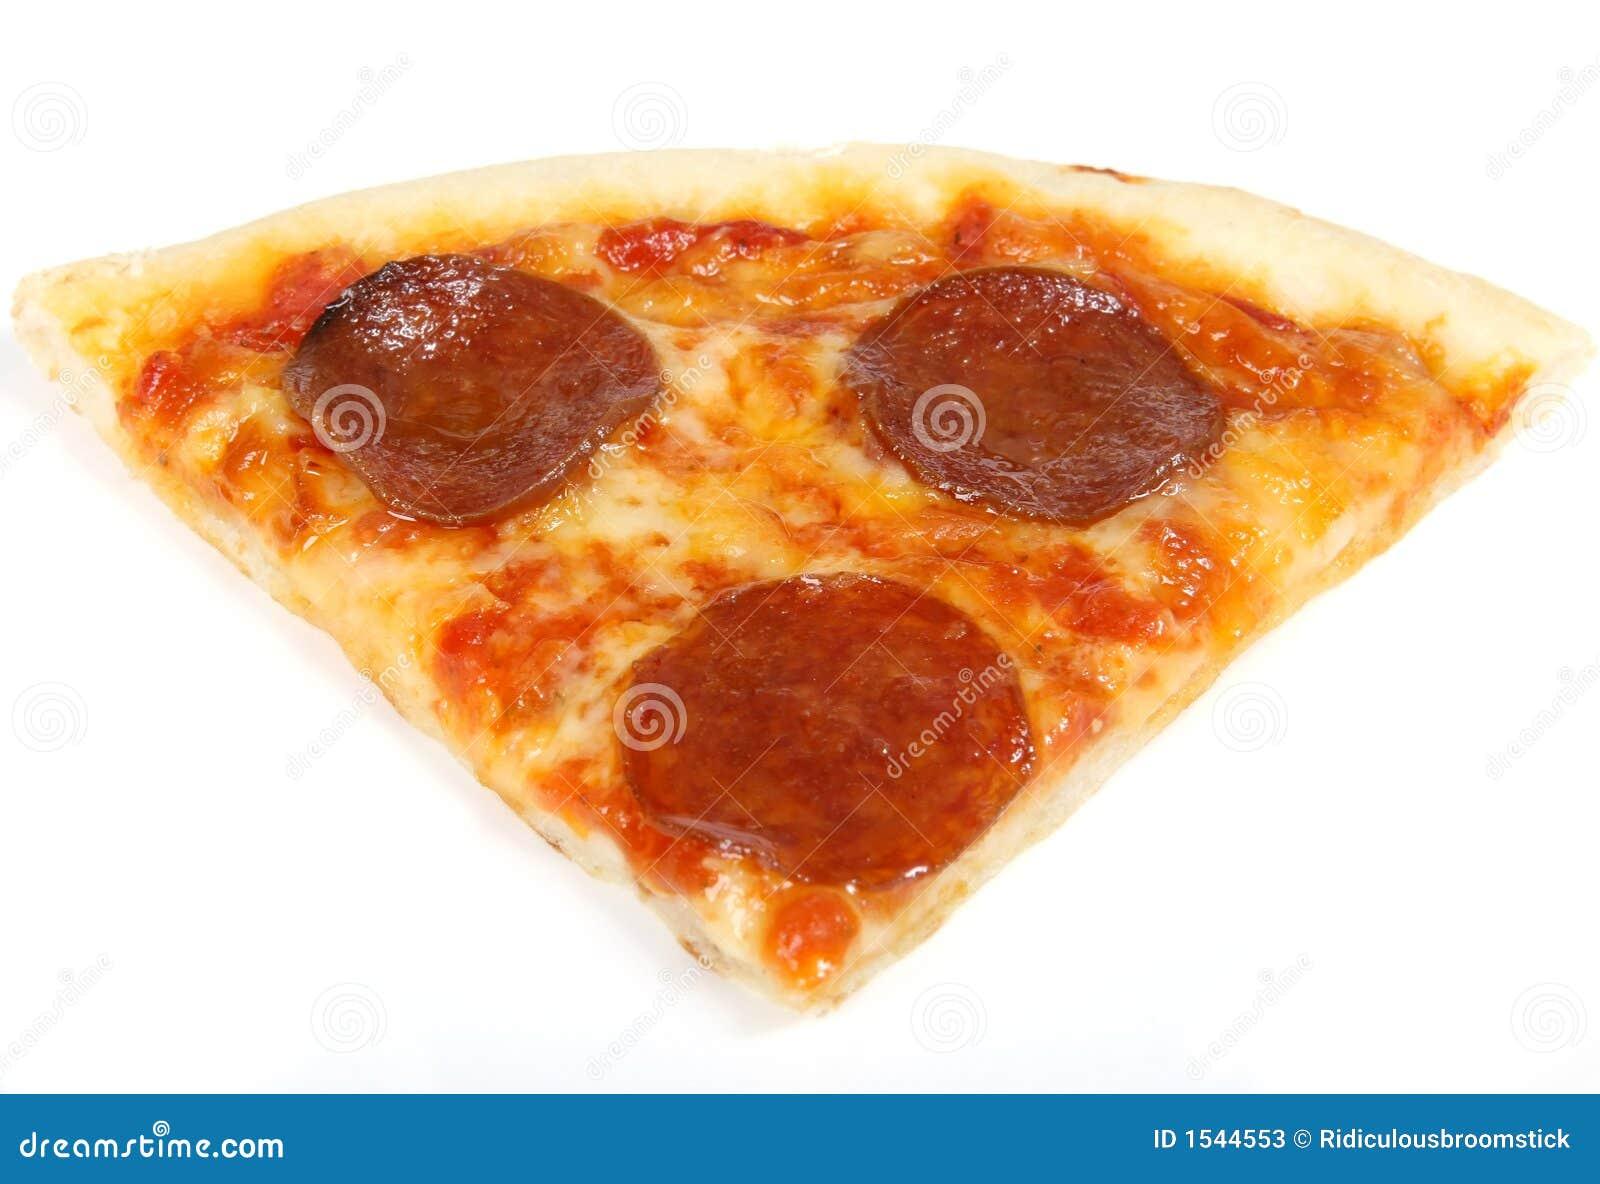 αμερικανική ιταλική pepperoni τυριών πίτσα παραδοσιακή